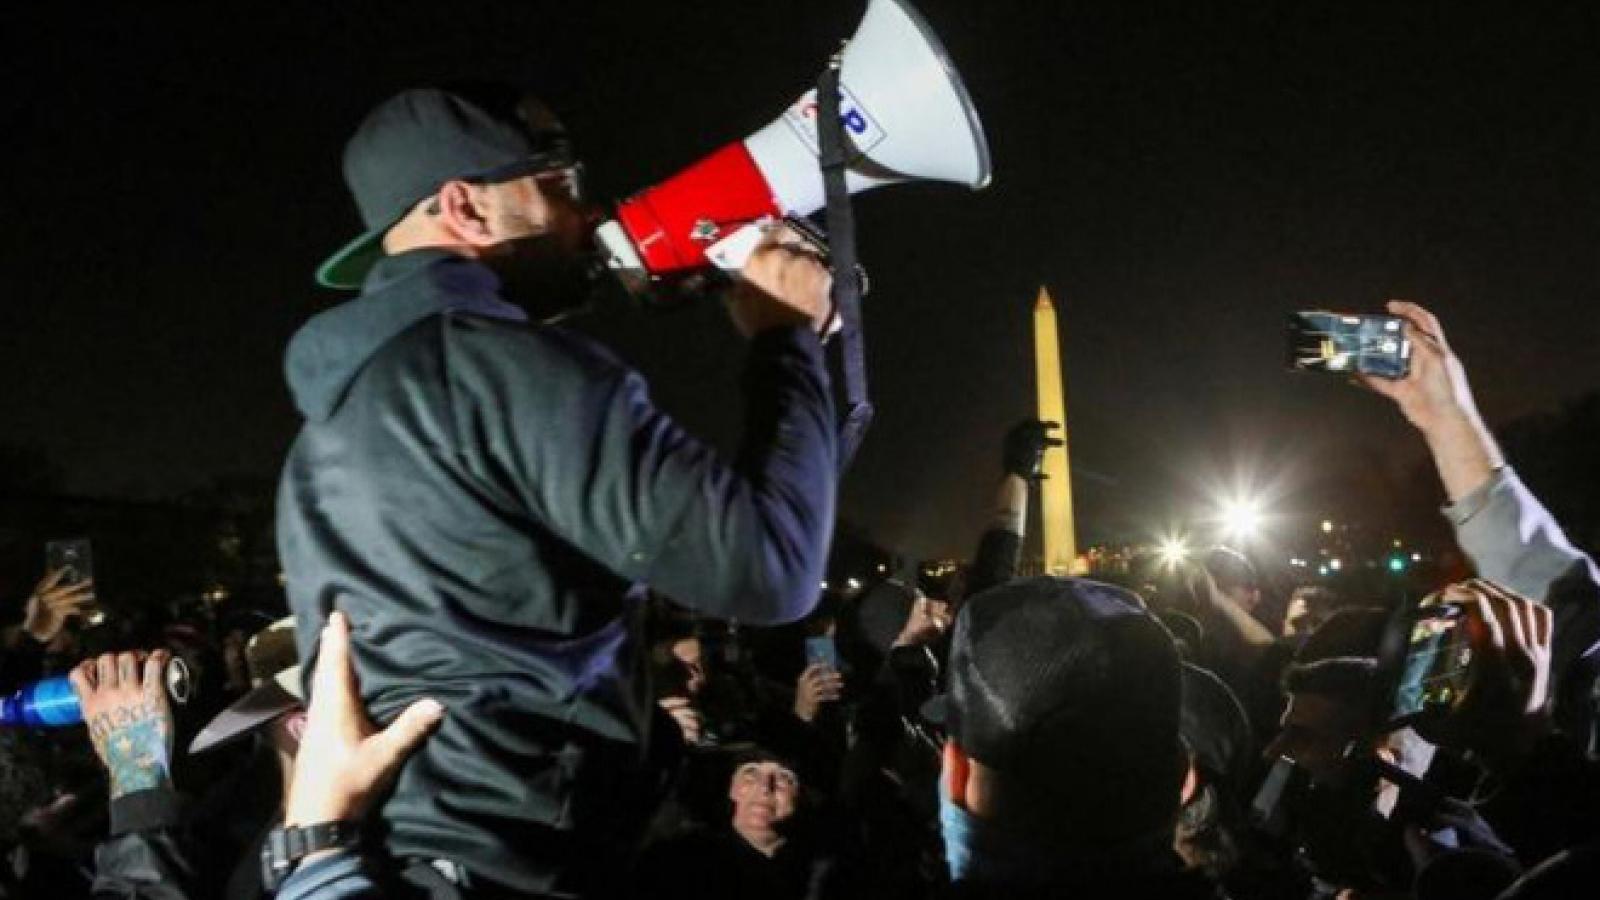 Hàng trăm người ủng hộ Tổng thống Trump đã tới Washington để phản đối kết quả bầu cử